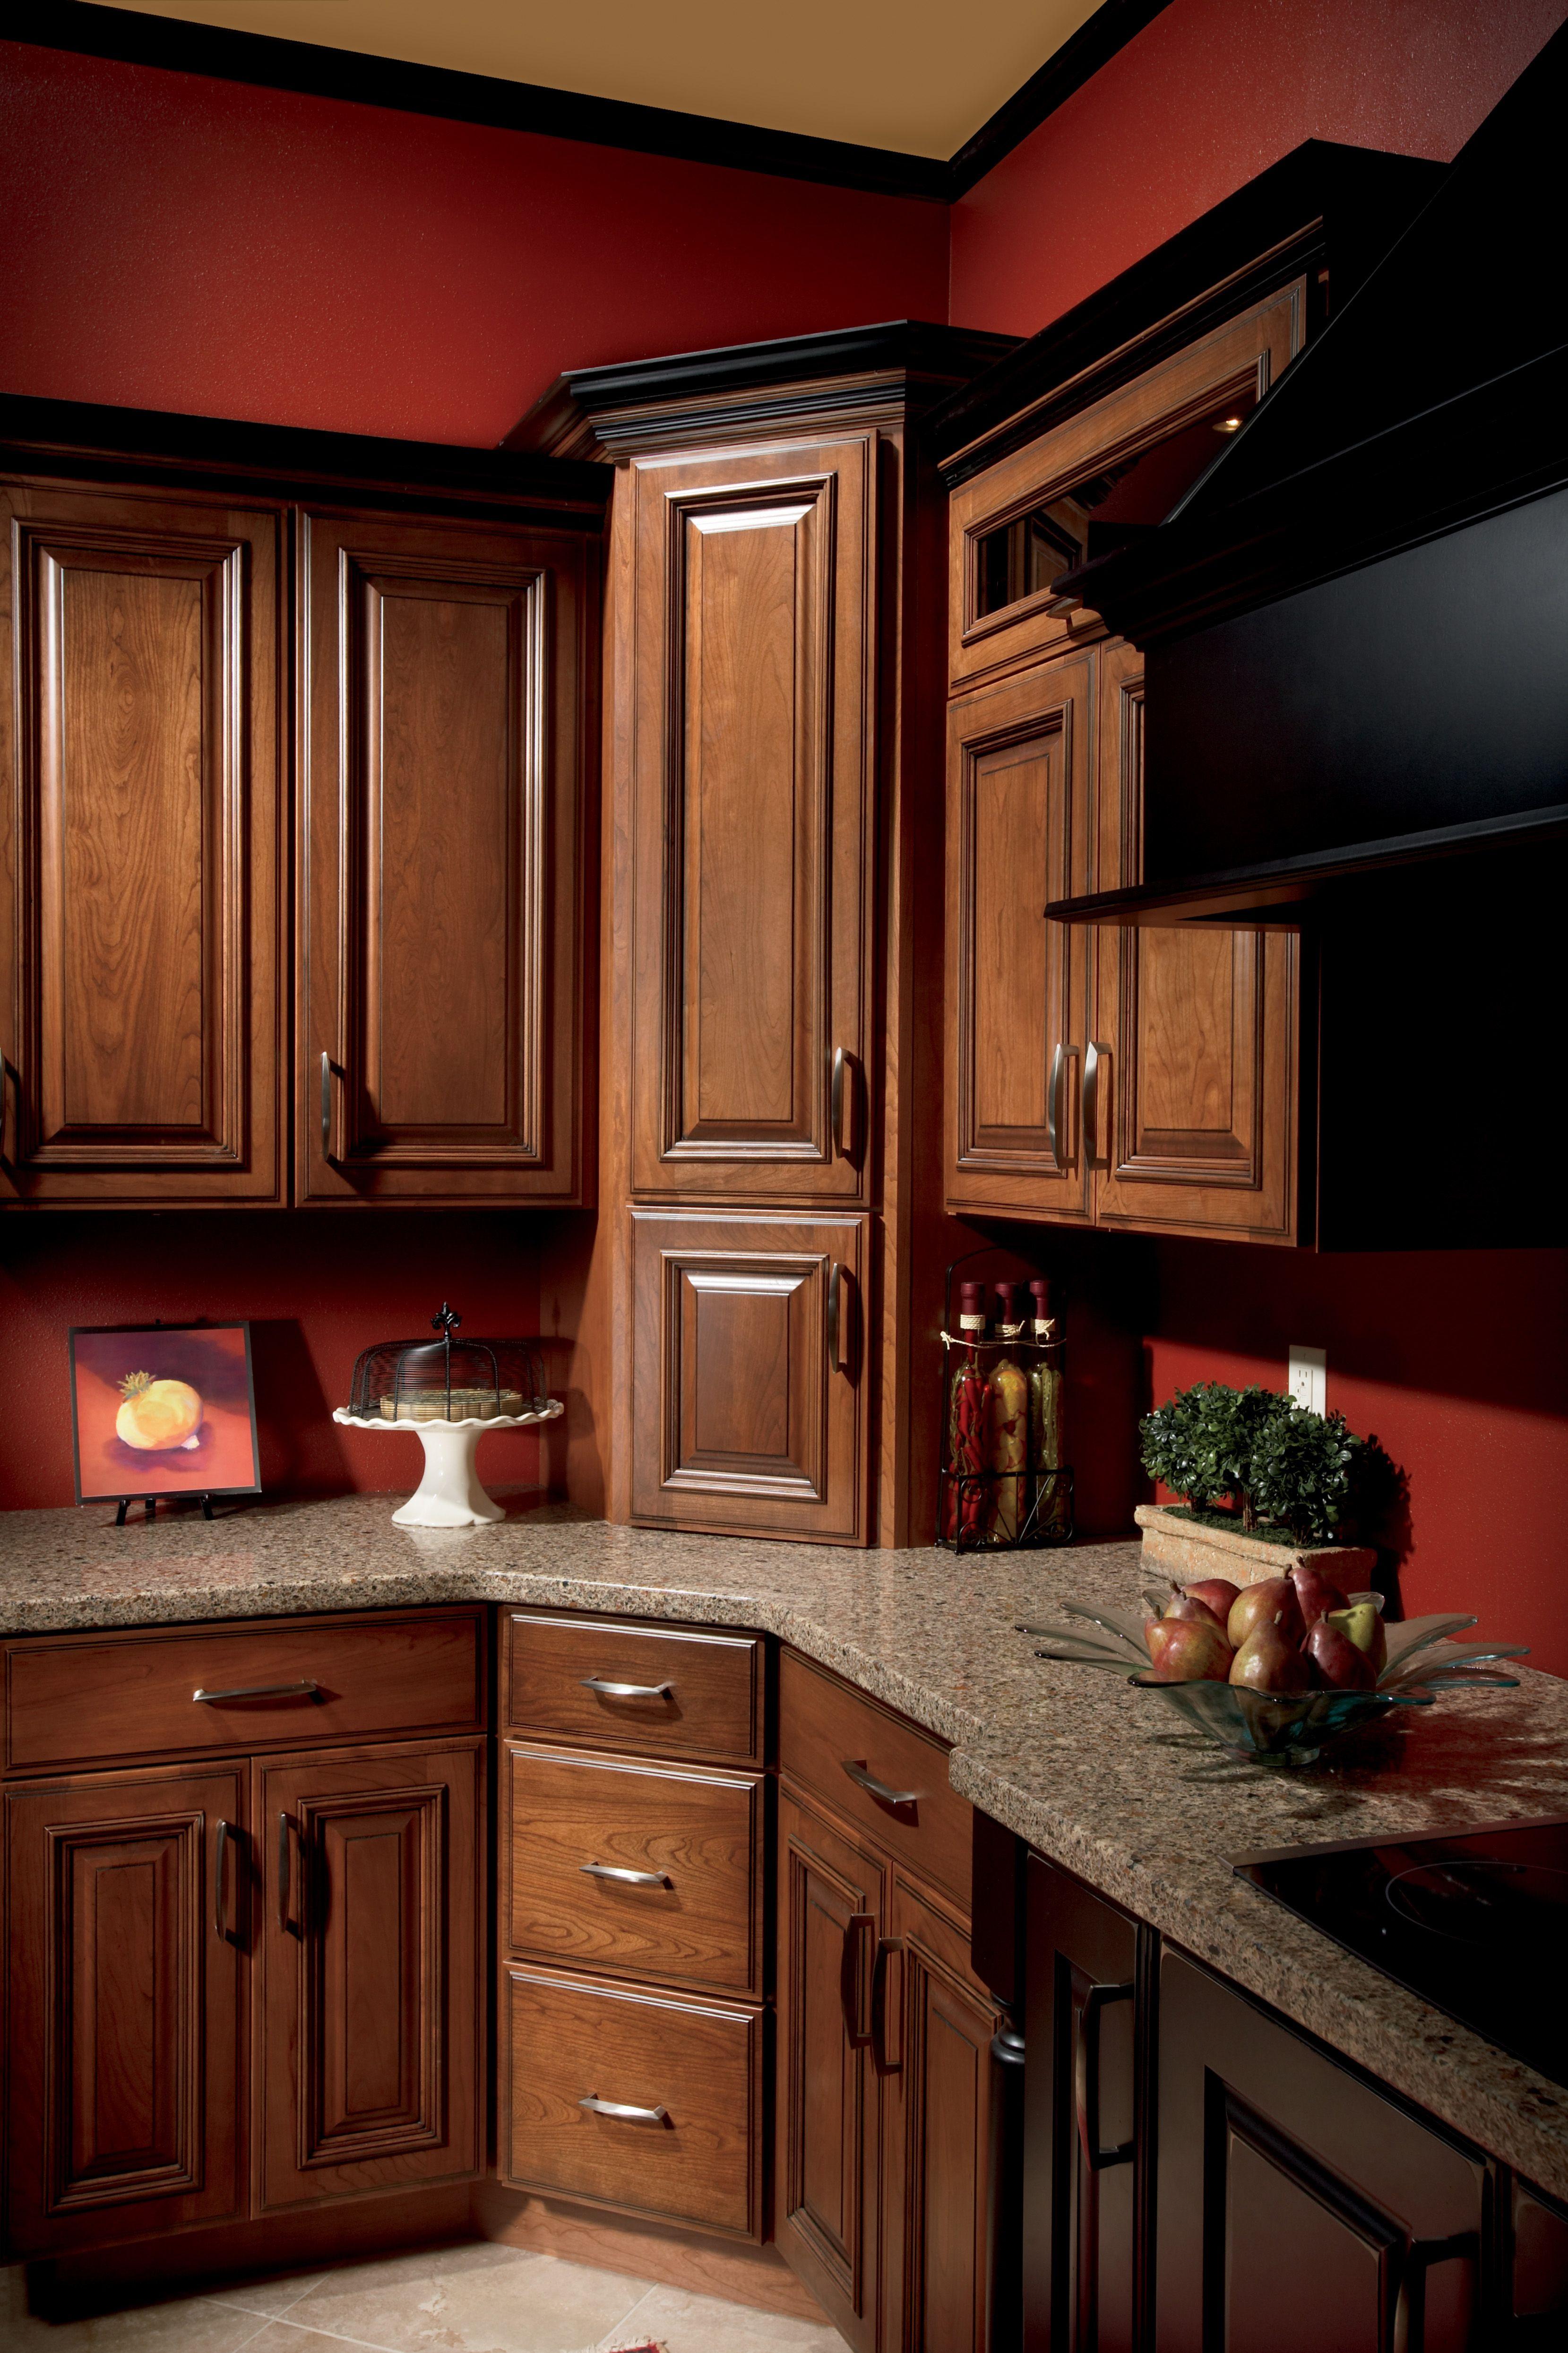 Get This Cabinet Look At Castle Rock Countertops Www Castlerockcountertops Net Rustic Kitchen Dark Kitchen Cabinets Rustic Kitchen Cabinets